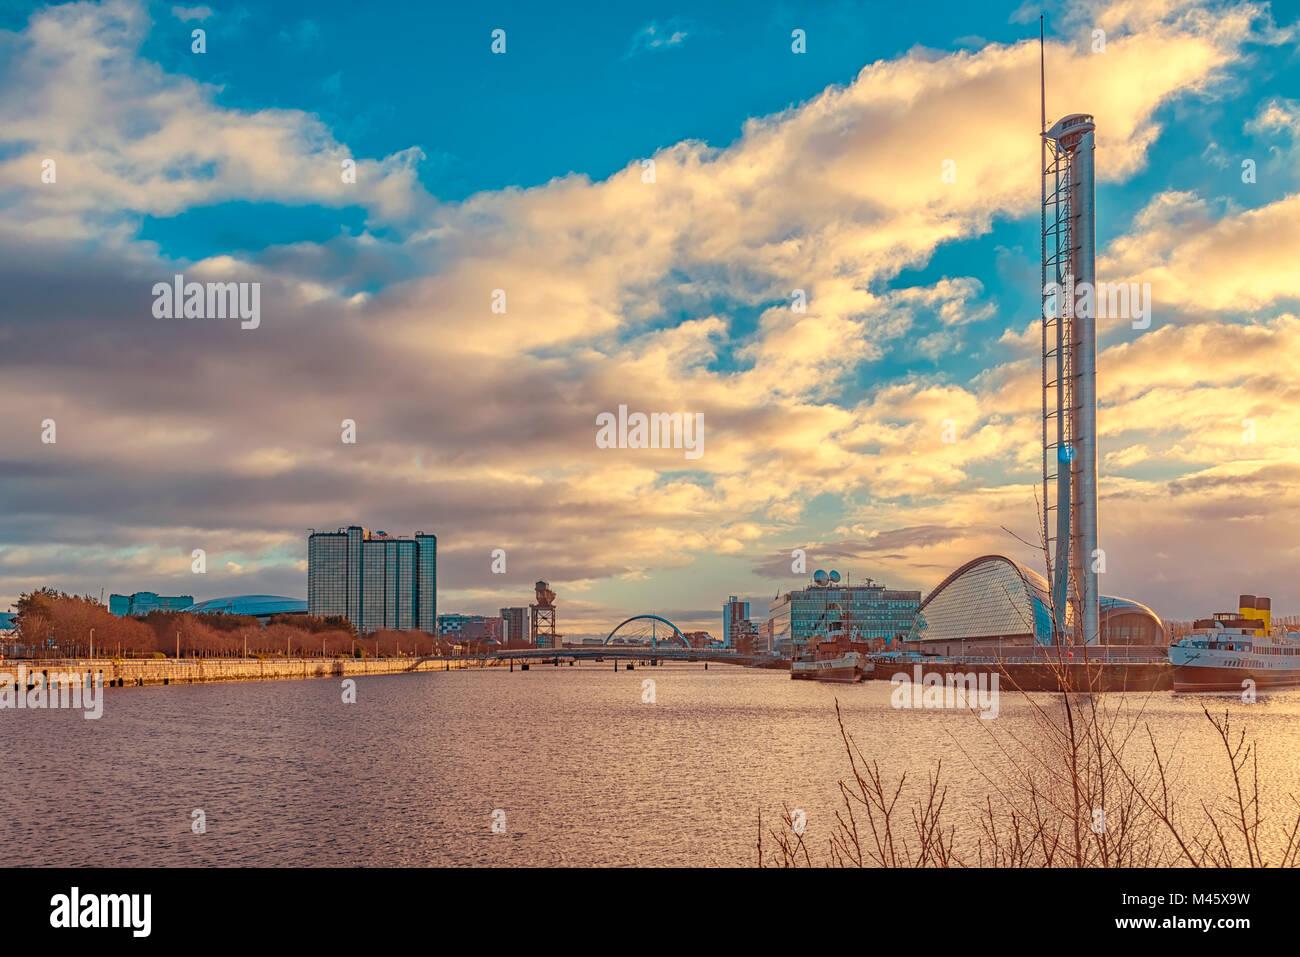 GLASGOW, ÉCOSSE - 17 janvier 2018: une vue de la ville de Glasgow le long de la rivière Clyde. Banque D'Images